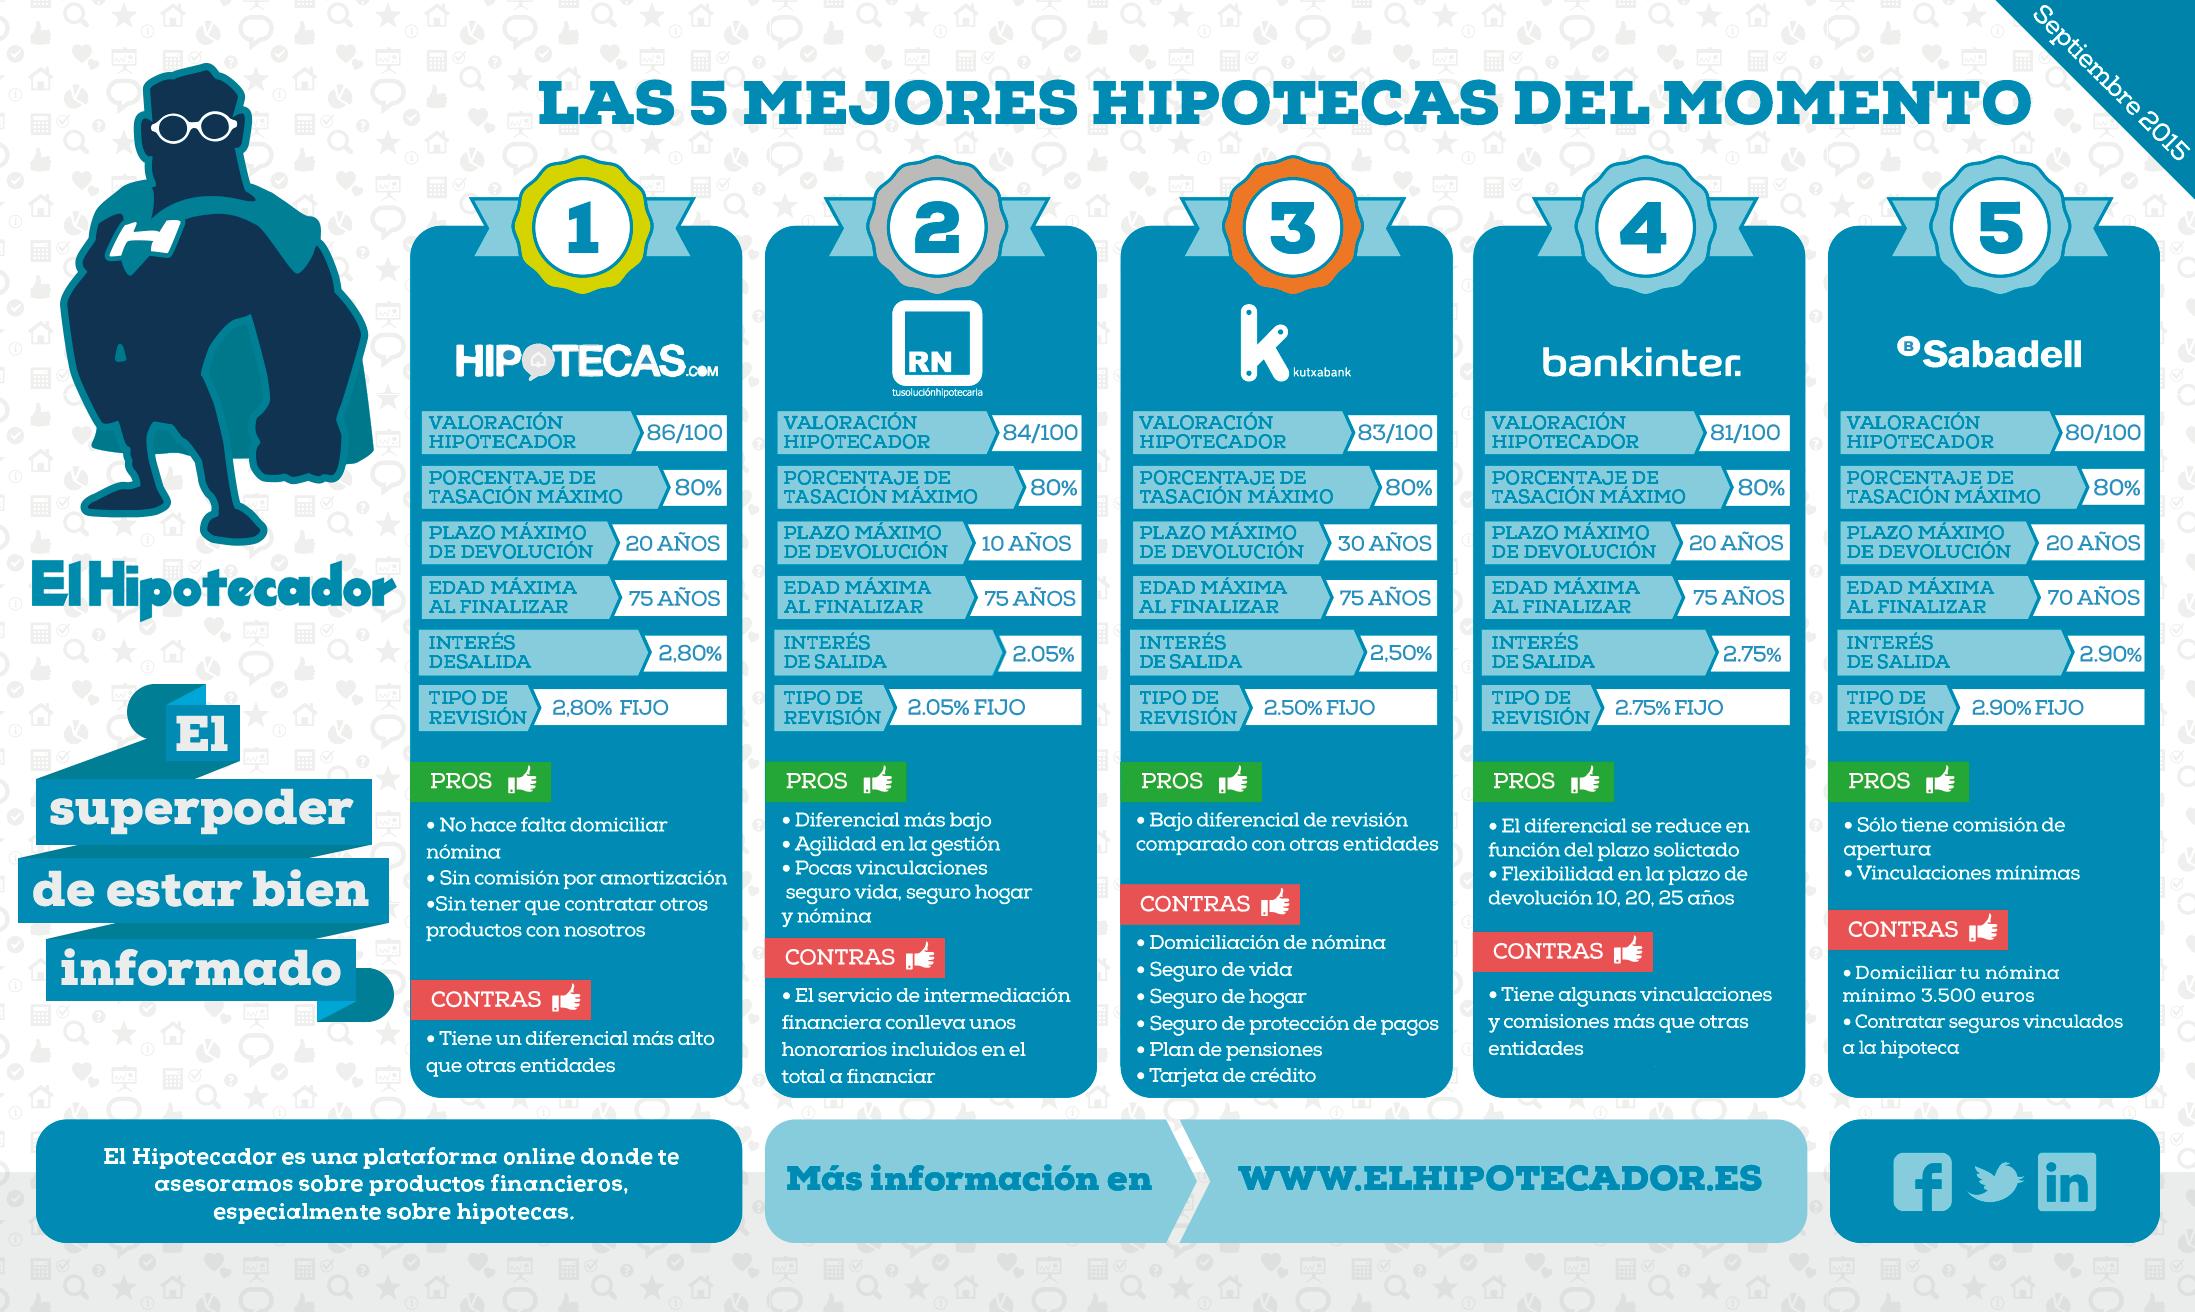 Infografia-Mejores-Hipotecas-Fijas-(El-Hipotecador)-Septiembre-2015-buena-1